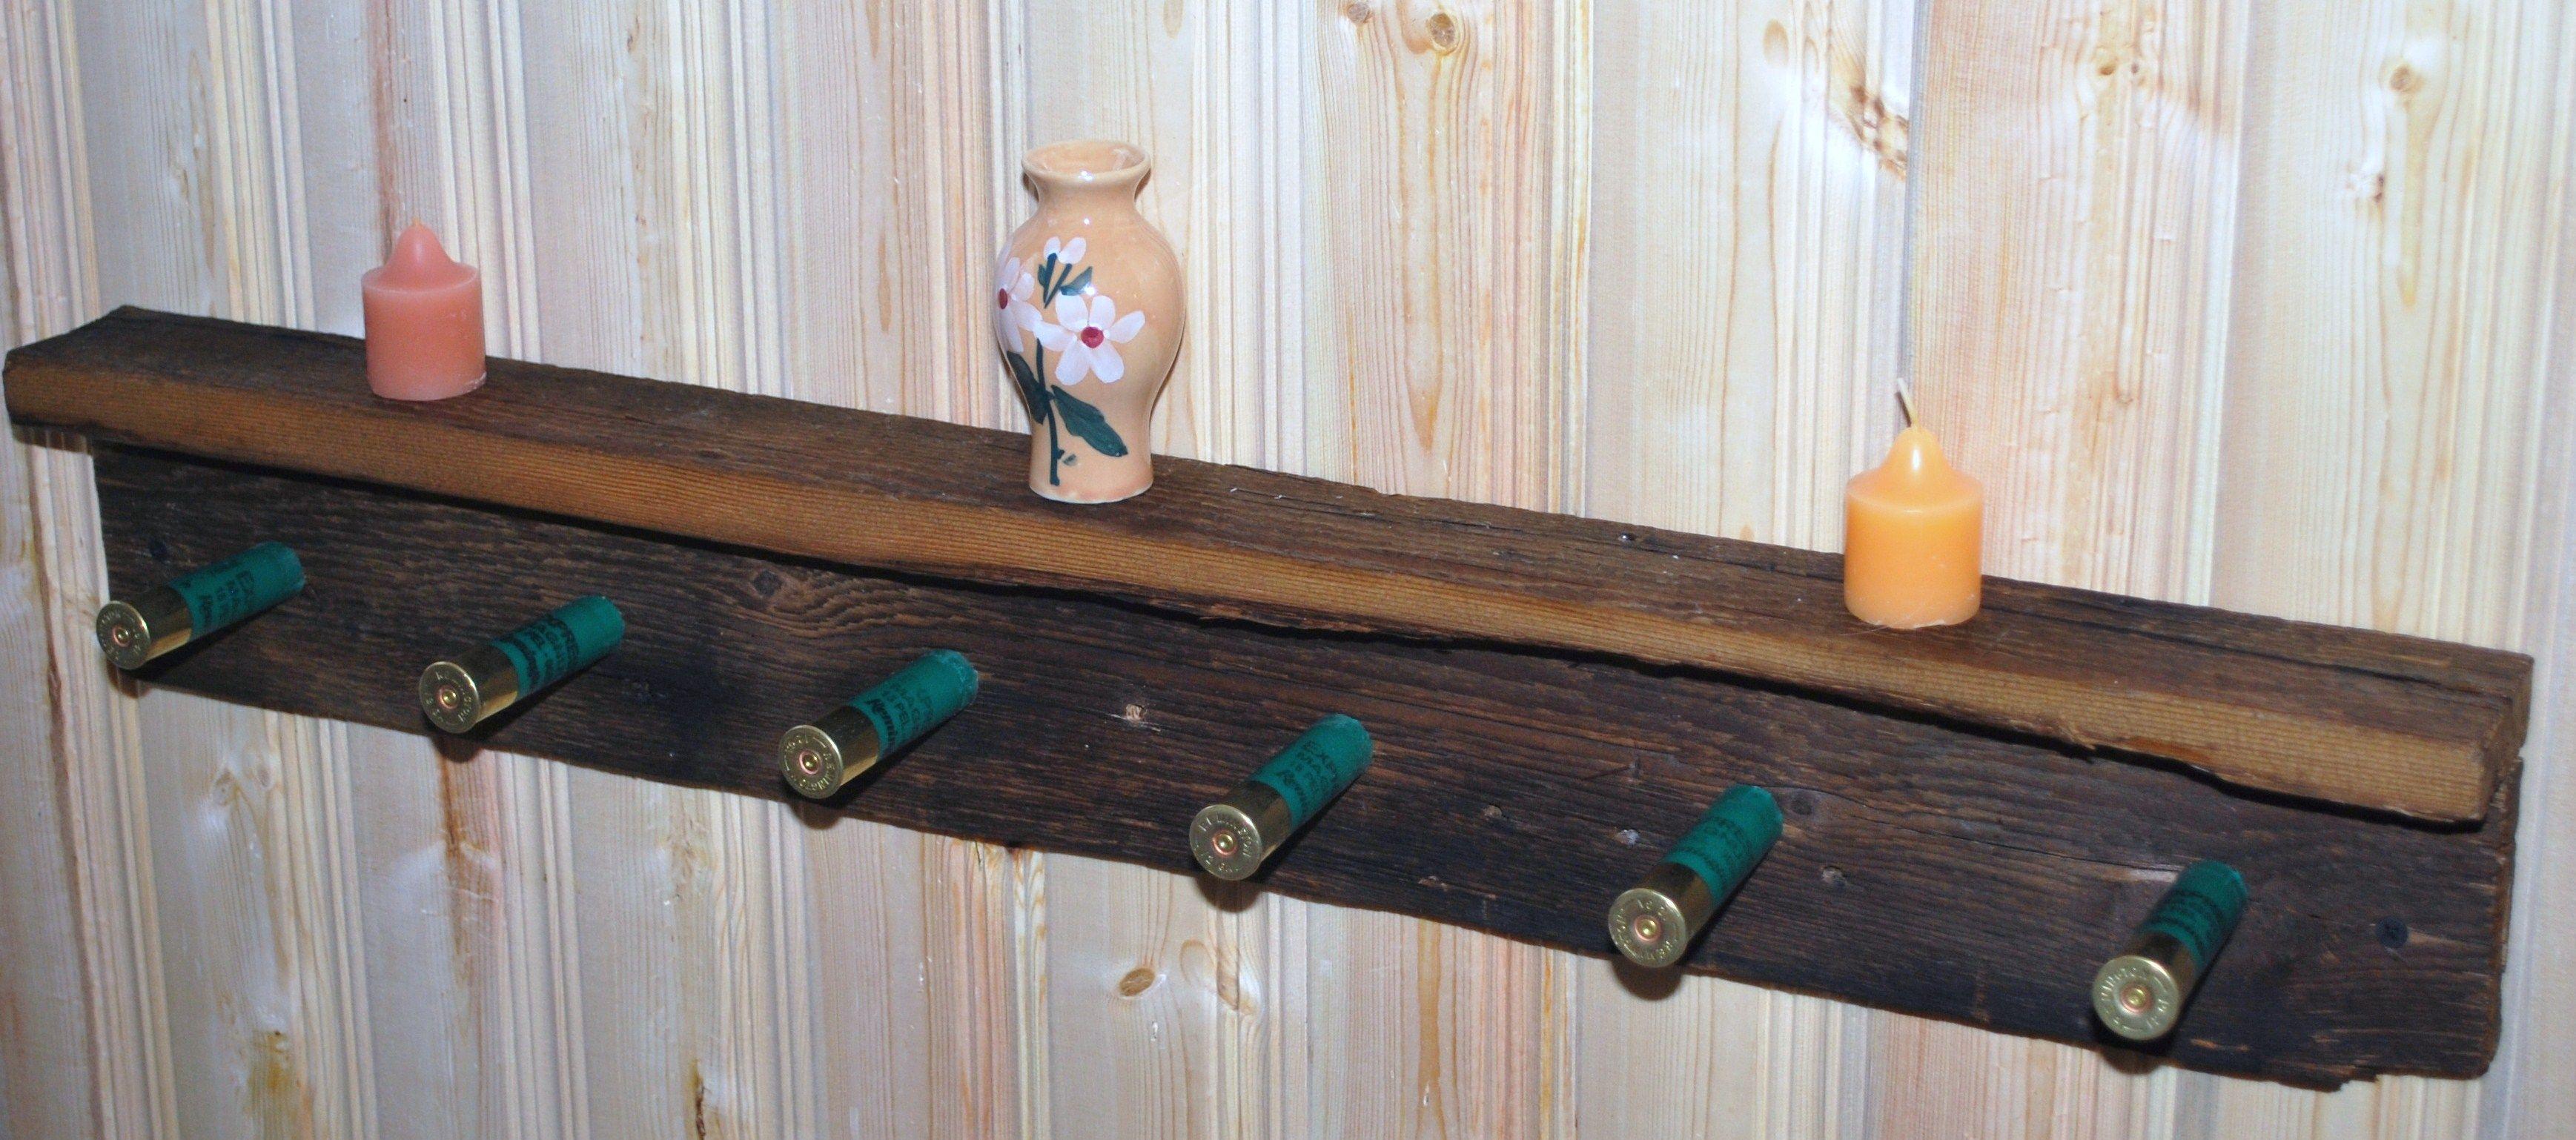 Buy Custom Rustic Barnwood Coat Hat Rack Shelf With Shotgun Shells